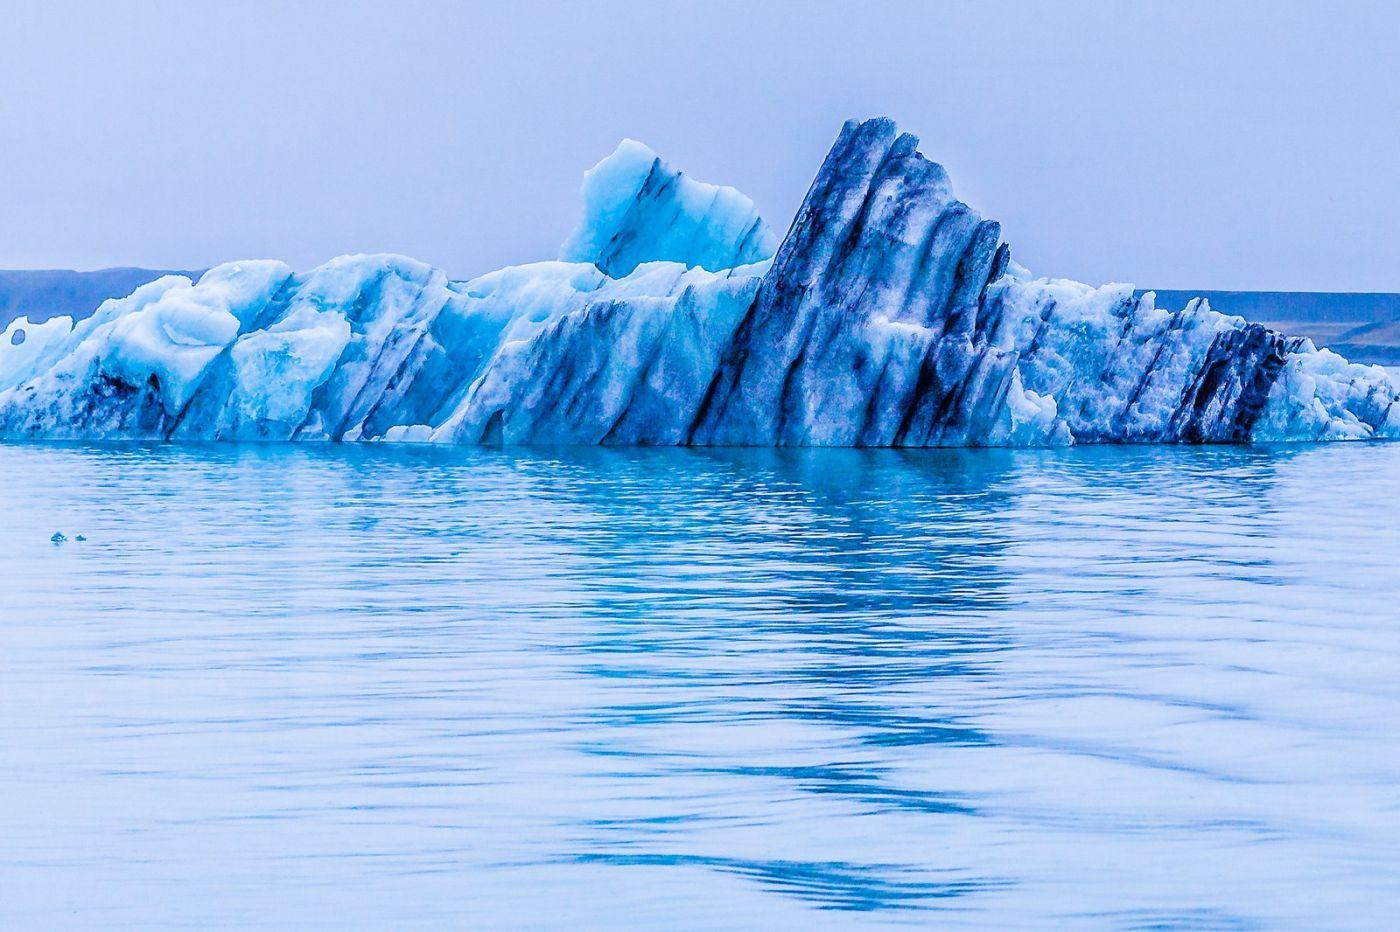 冰岛冰川泻湖(Glacier Lagoon),自然雕塑_图1-6